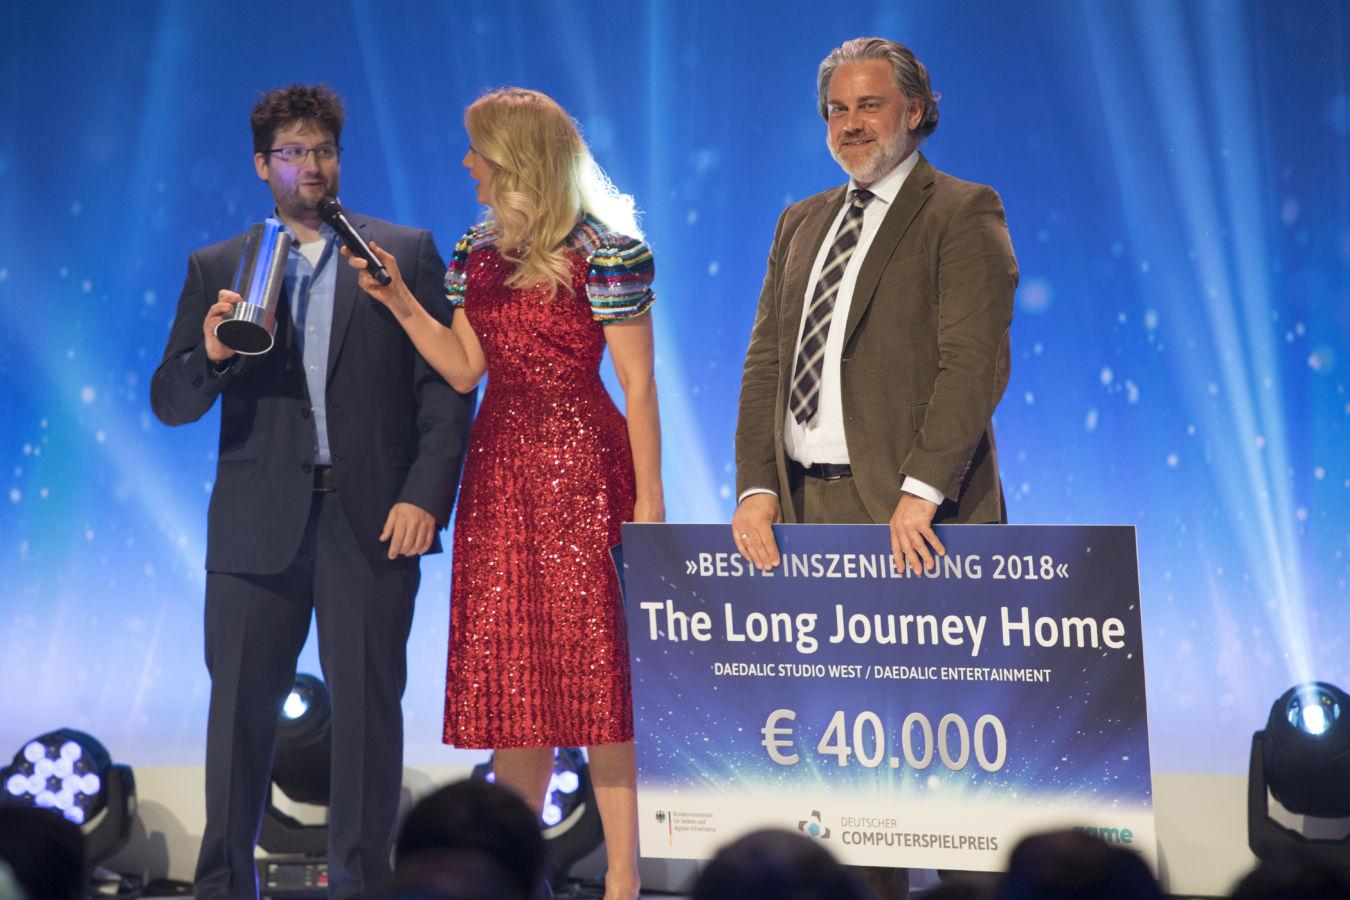 """Der Preis für die Beste Inszenierung ging an die Entwickler des Daedalic Entertainment Studio West für den Titel """"The long Journey Home"""""""